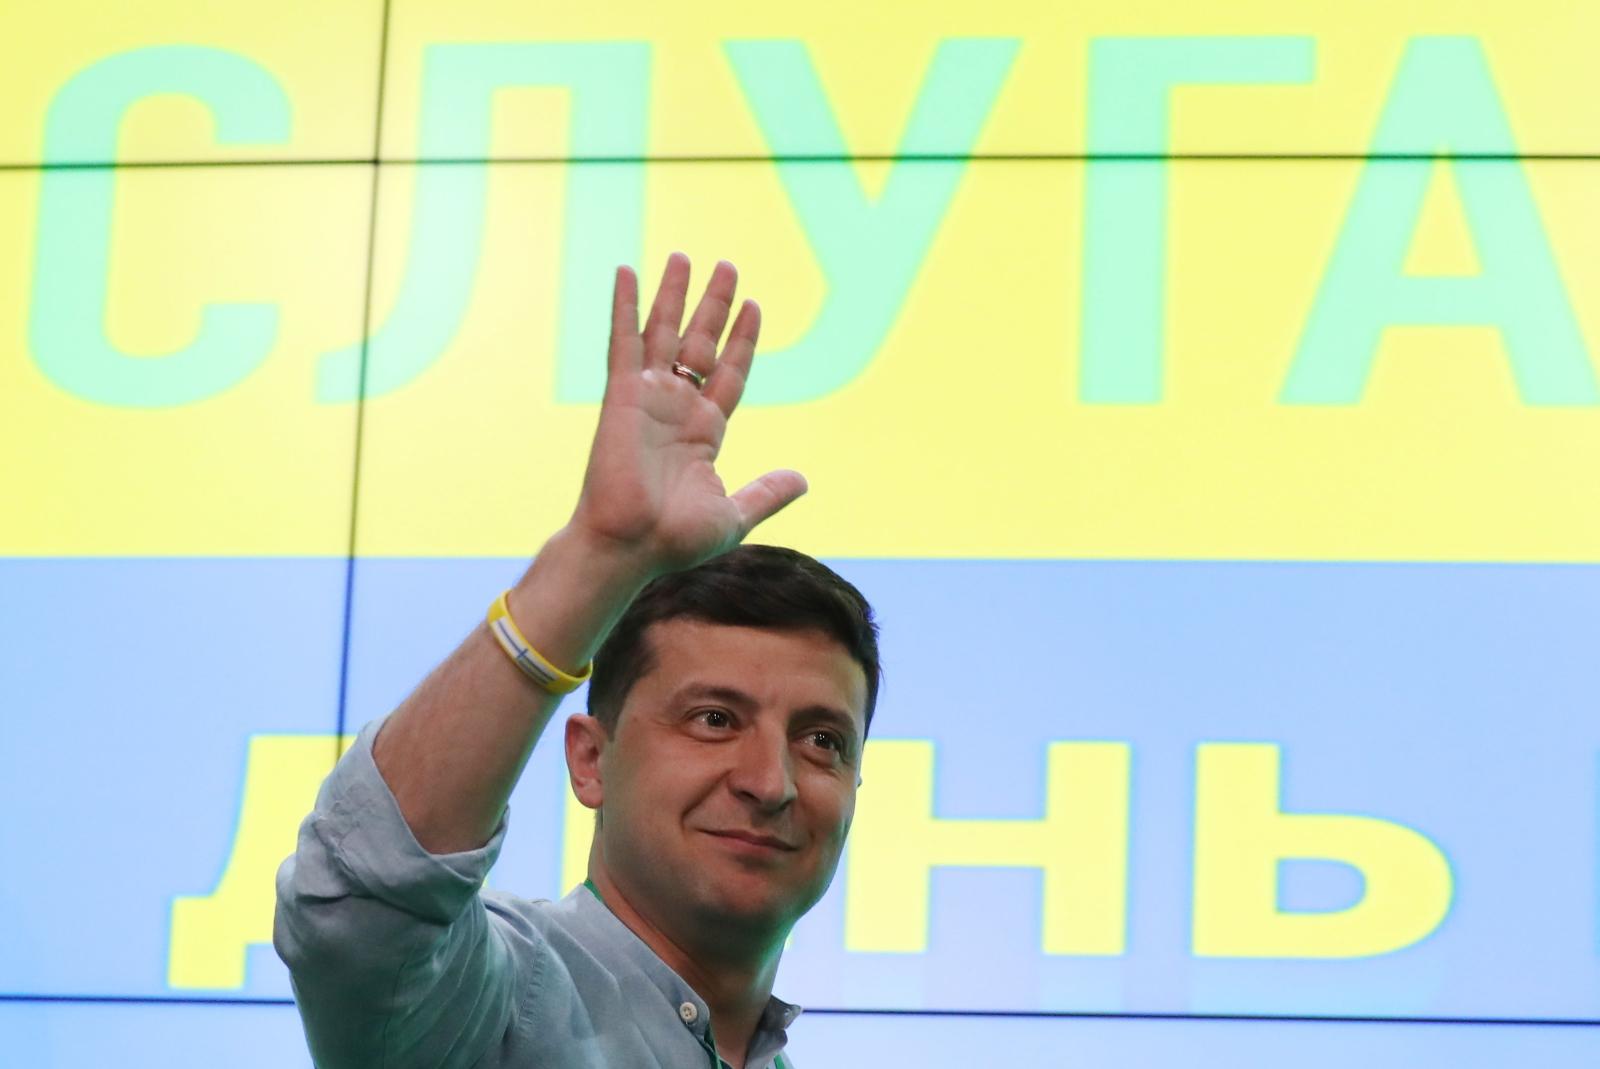 fb74cb49f30ac9 Wybory na Ukrainie. Zwycięstwo Sługi Narodu może być początkiem kłopotów  Wołodymyra Zełenskiego - Świat - Newsweek.pl